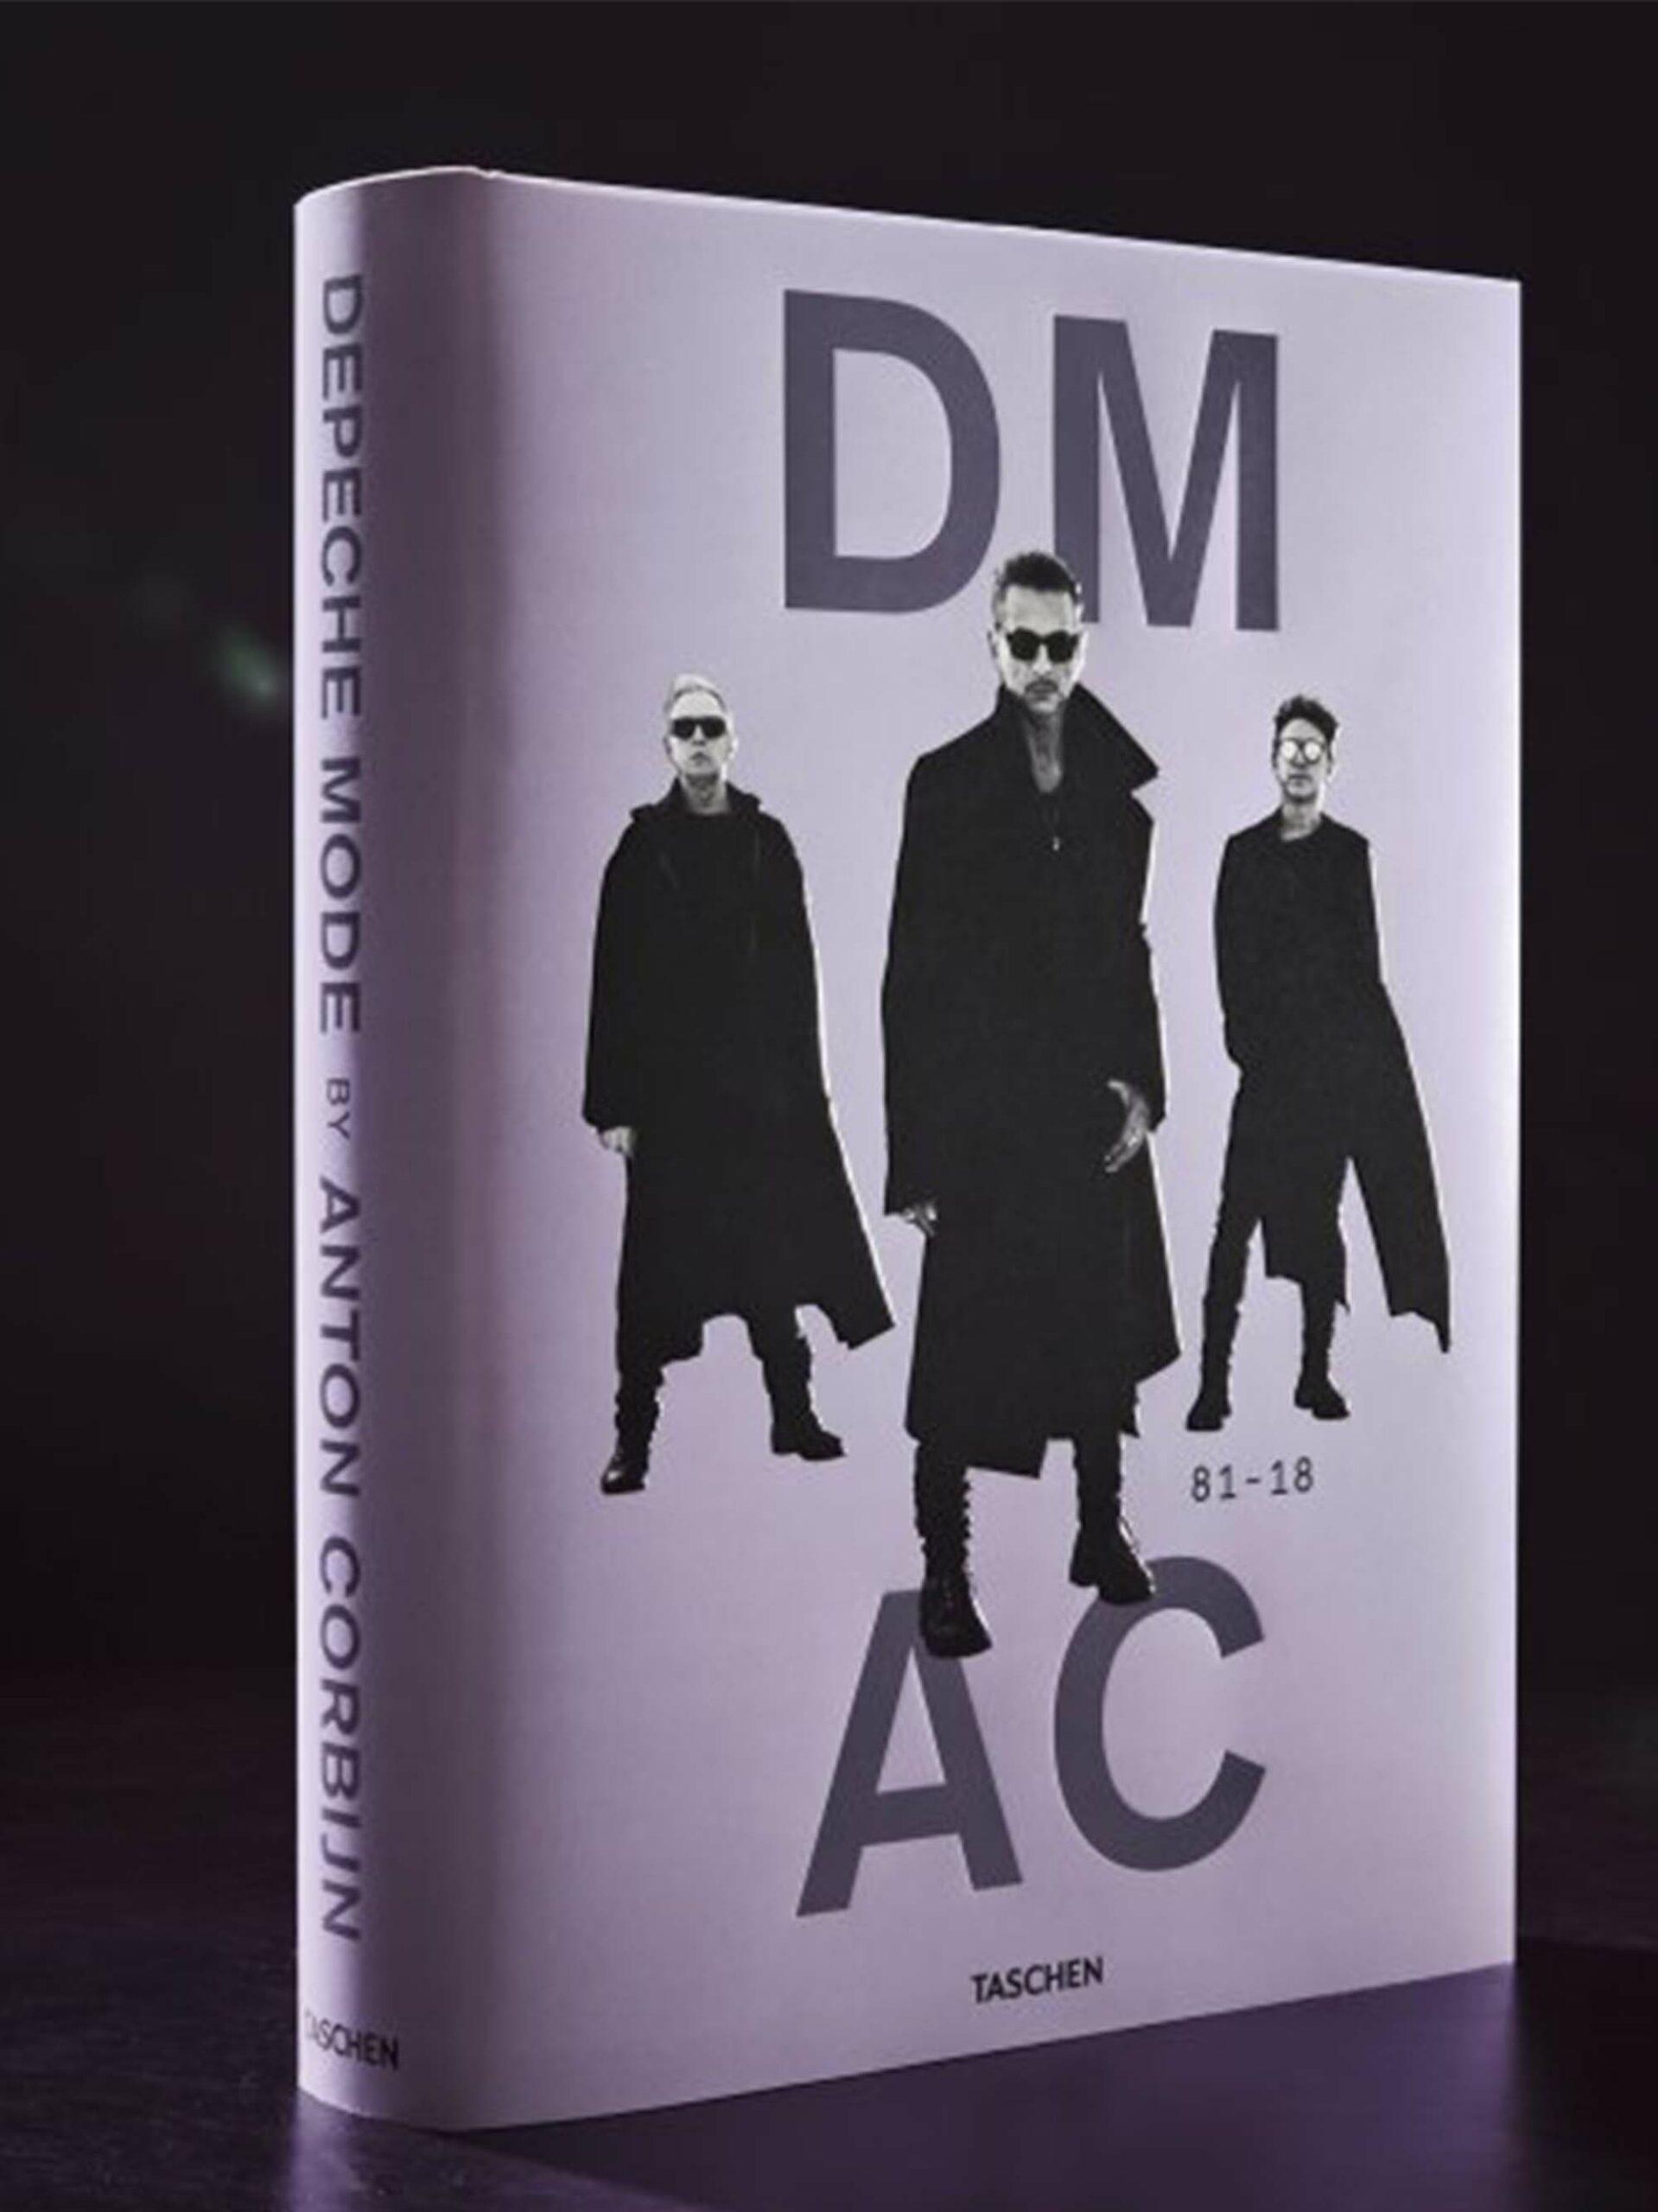 <p class='small-title'>TASCHEN</p>Depeche Mode by Anton Corbijn